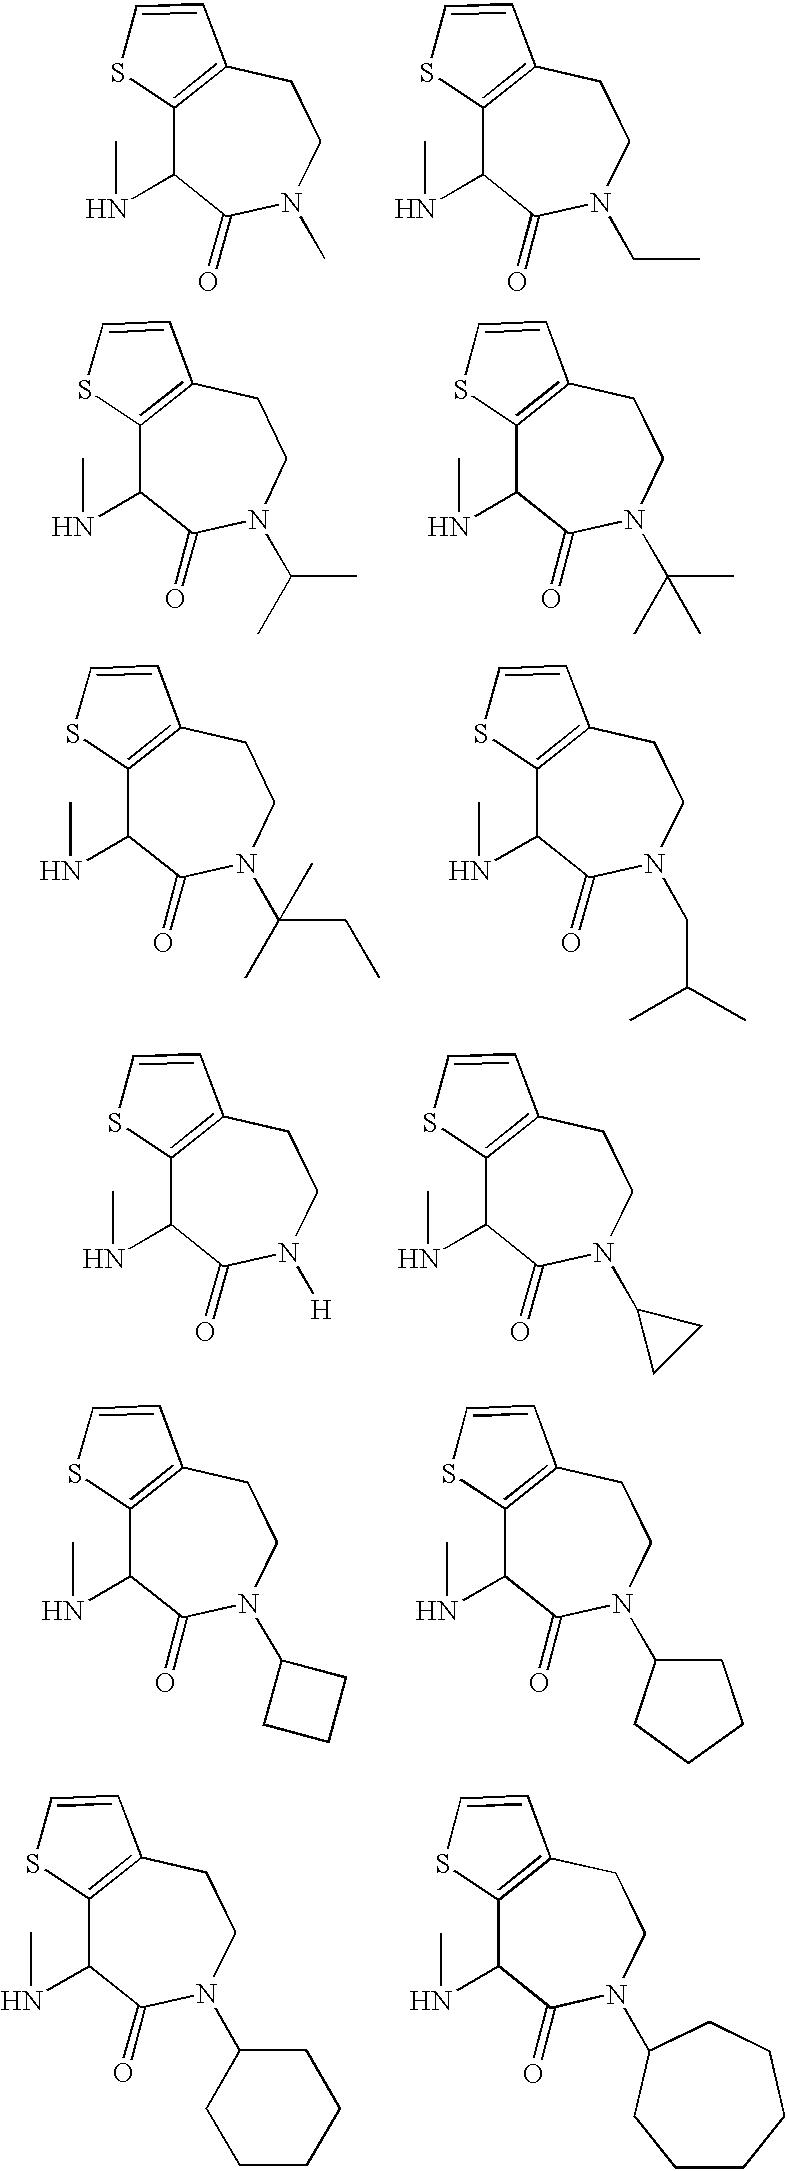 Figure US06509331-20030121-C00058